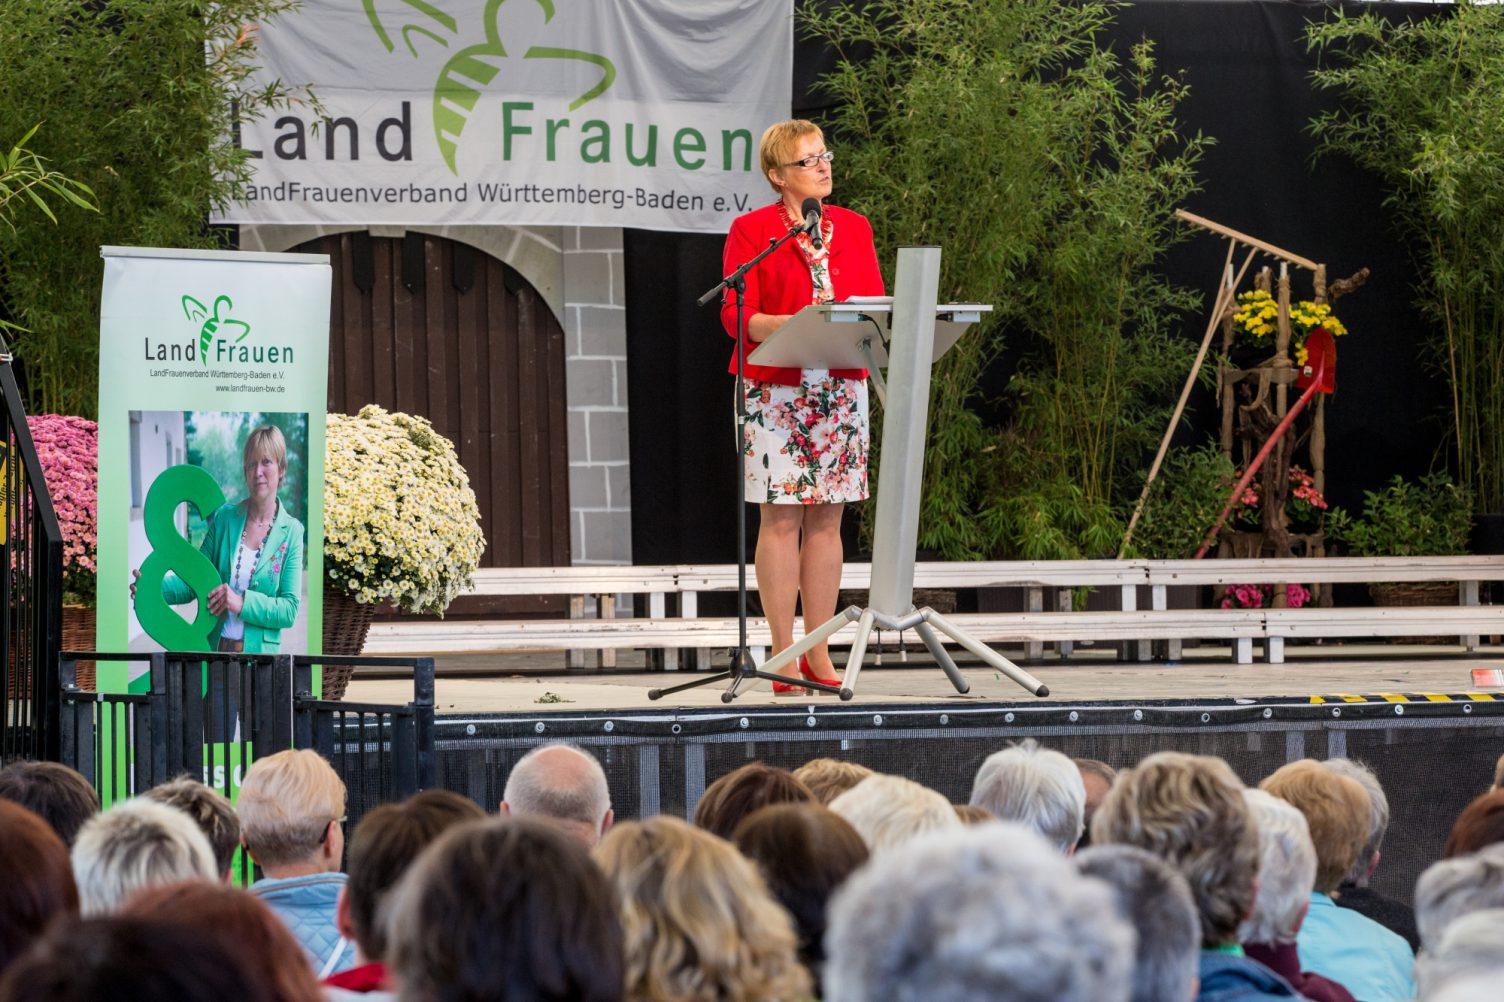 Präsidentin Marie-Luise Linckh eröffnet die Veranstaltung